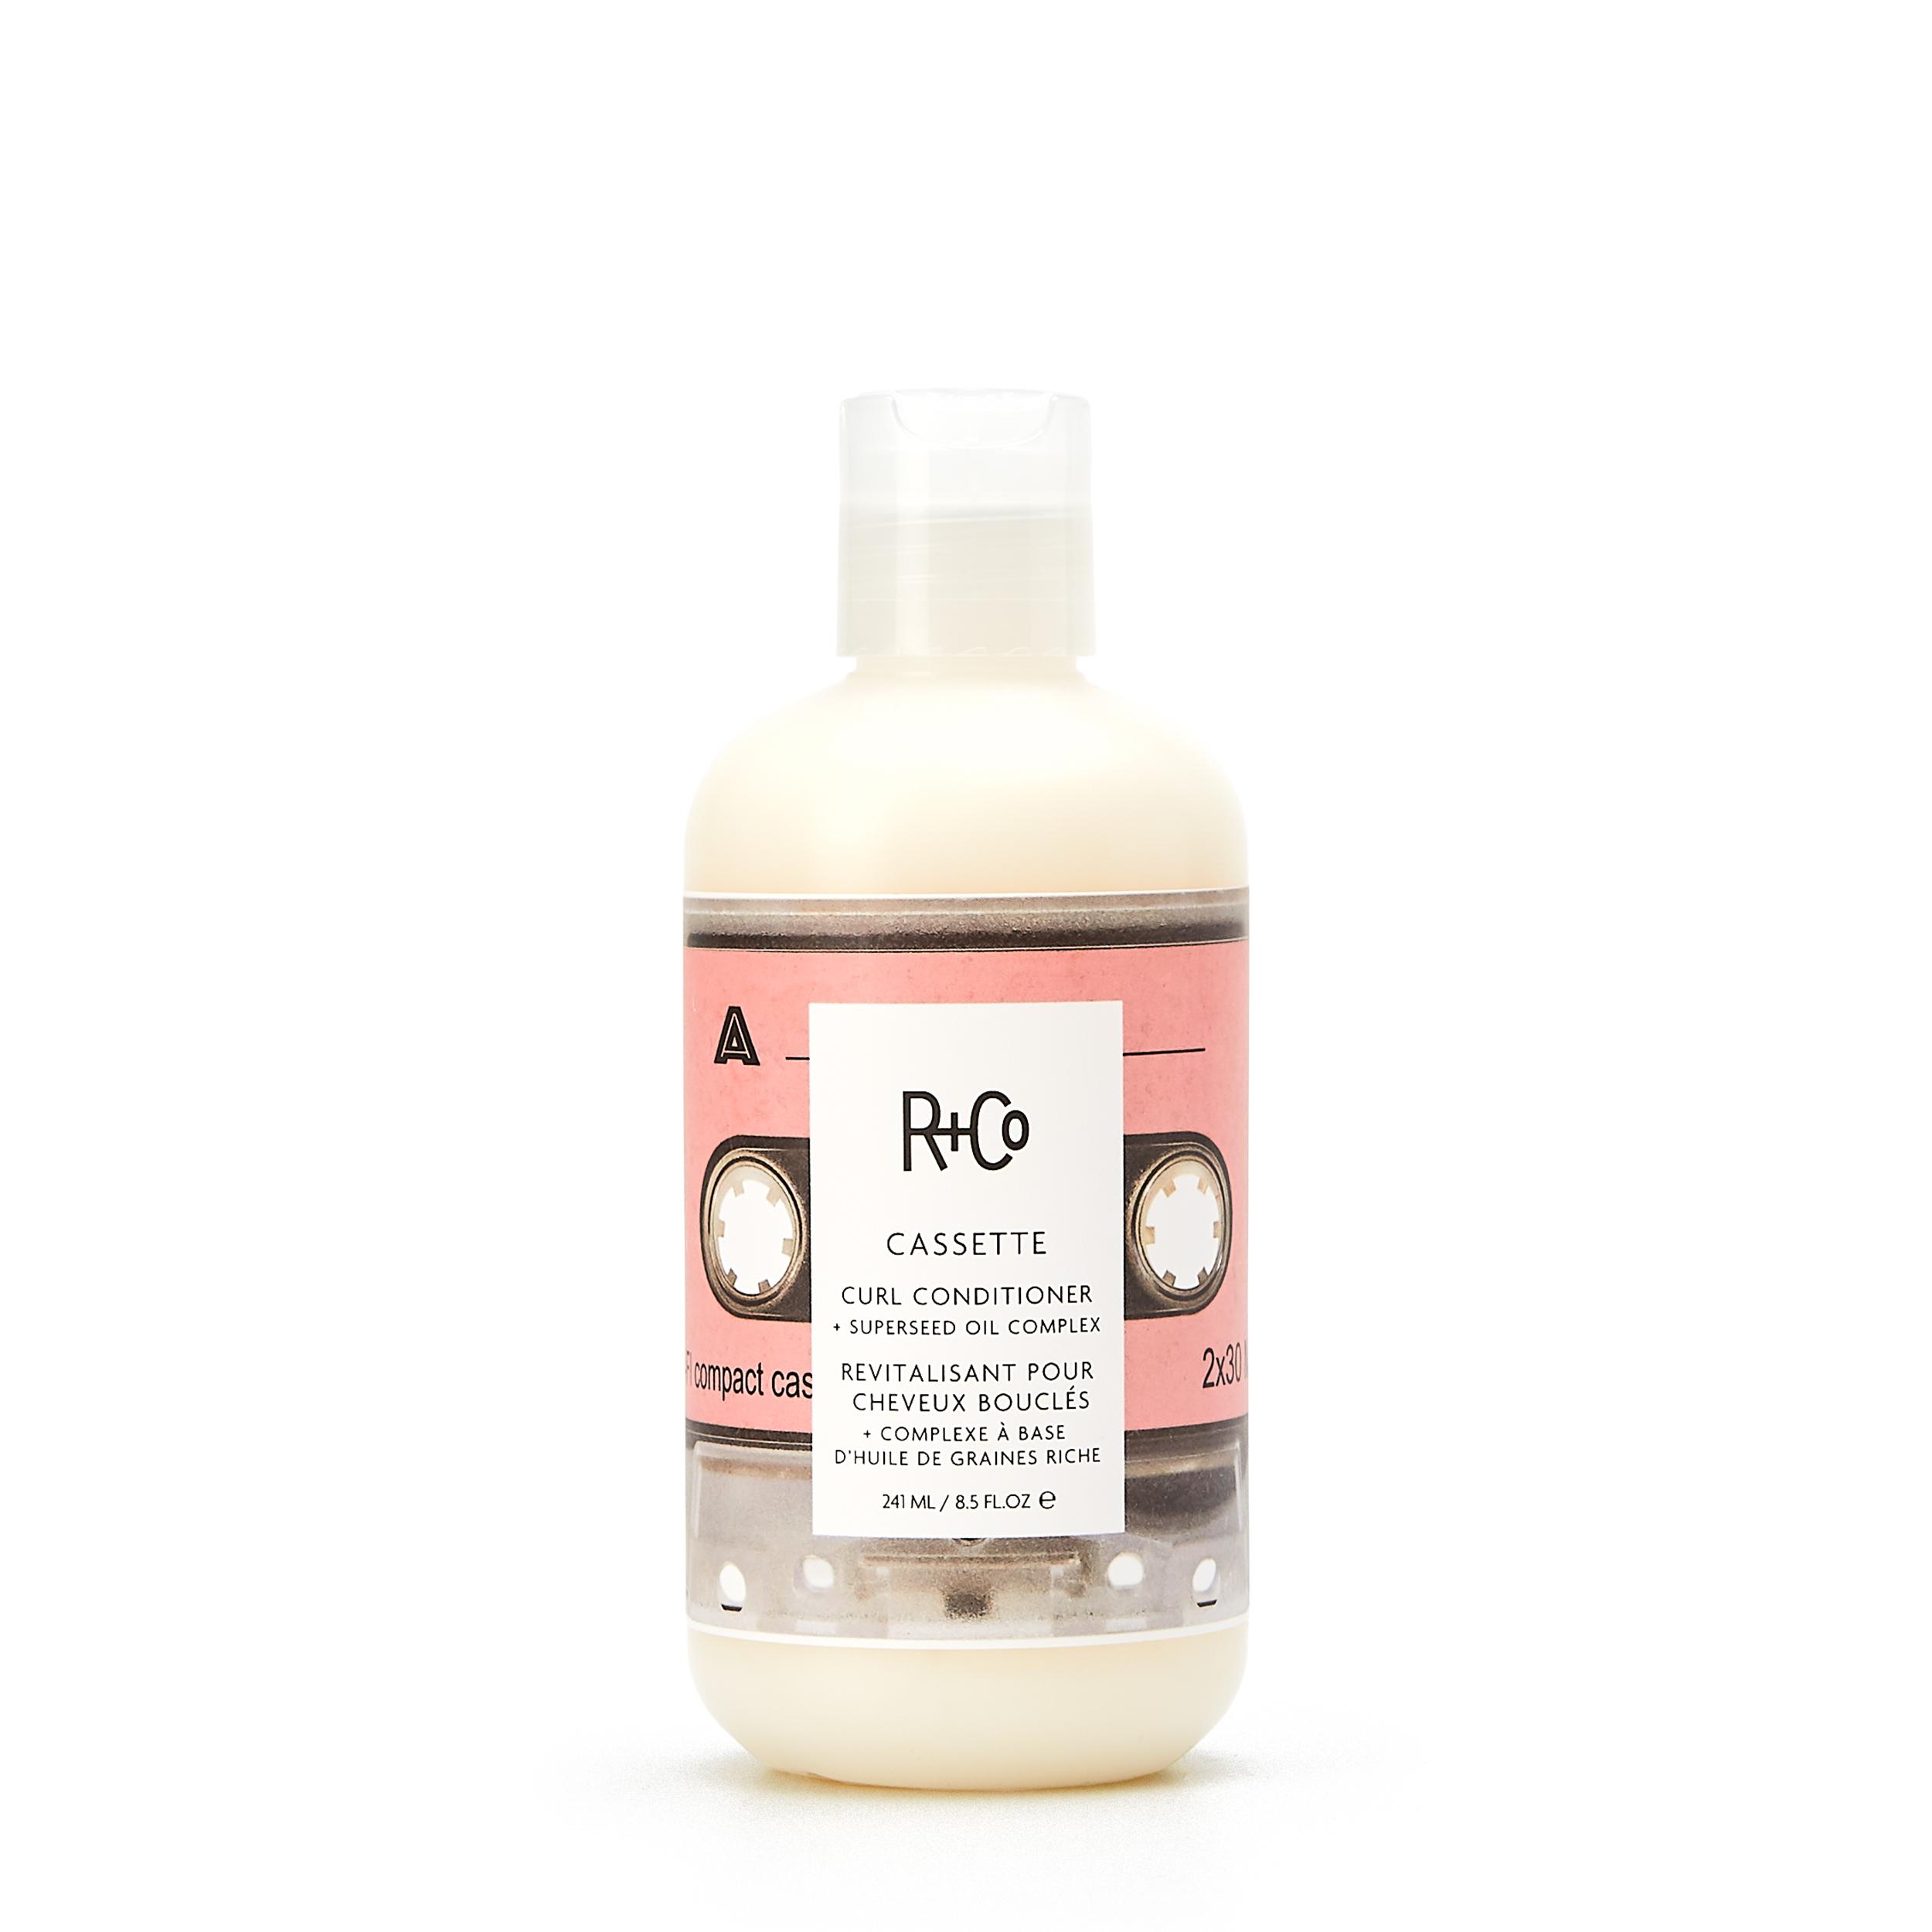 R+CO Кондиционер для вьющихся волос с комплексом масел «Cassette» 241 мл фото